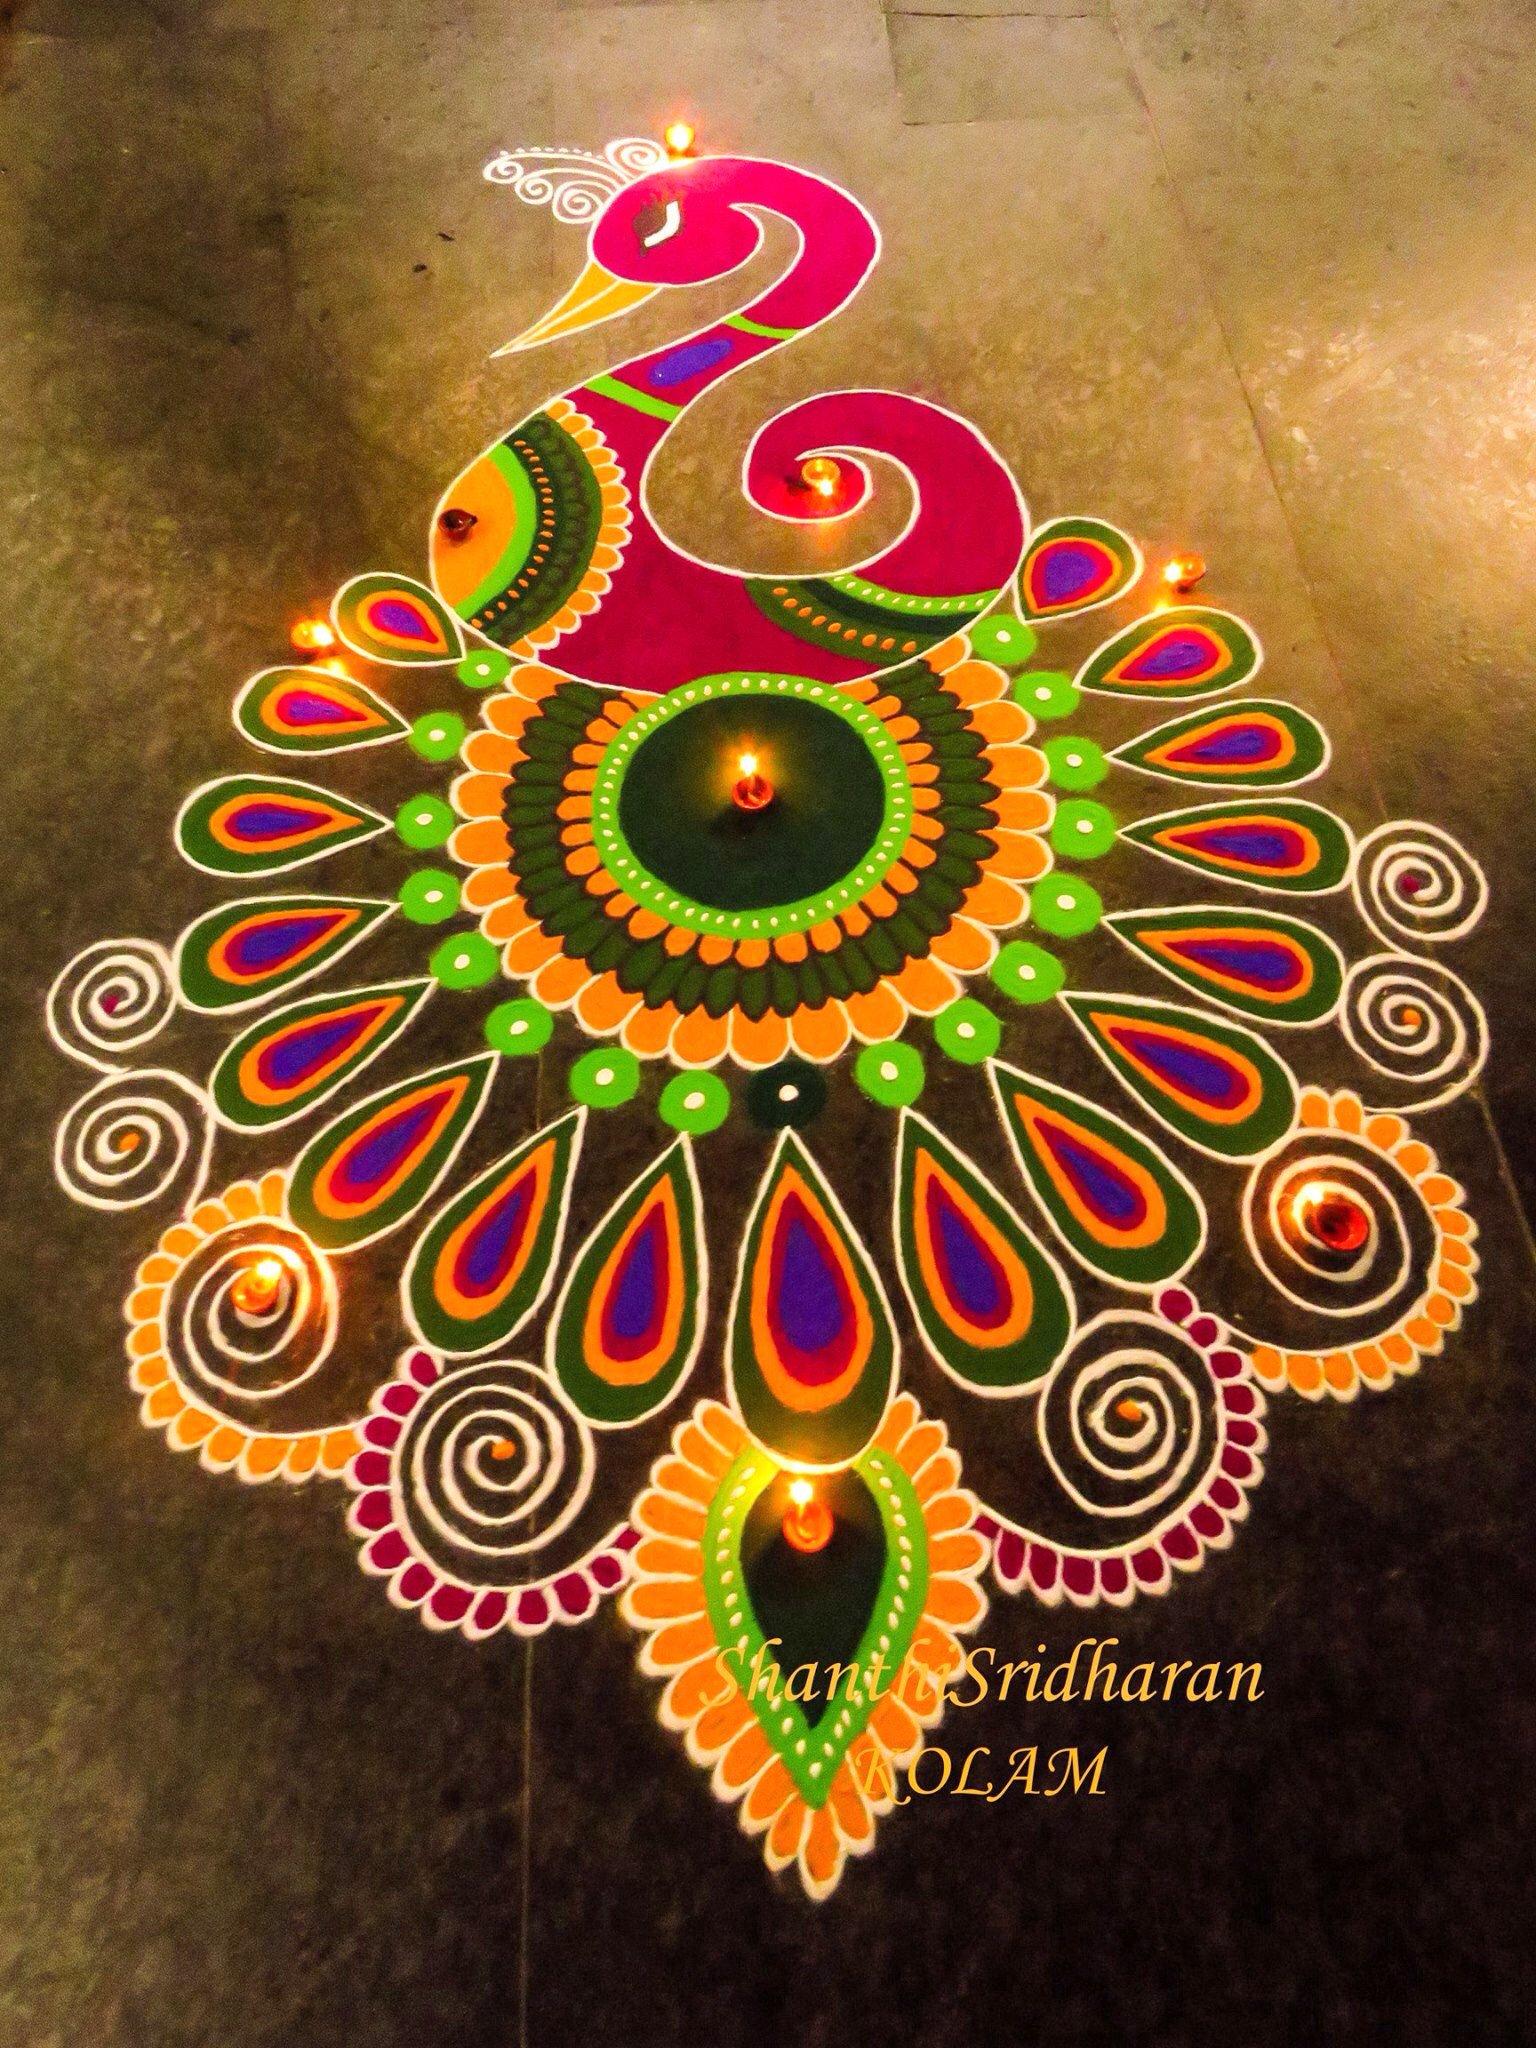 Peacock Rangoli Image